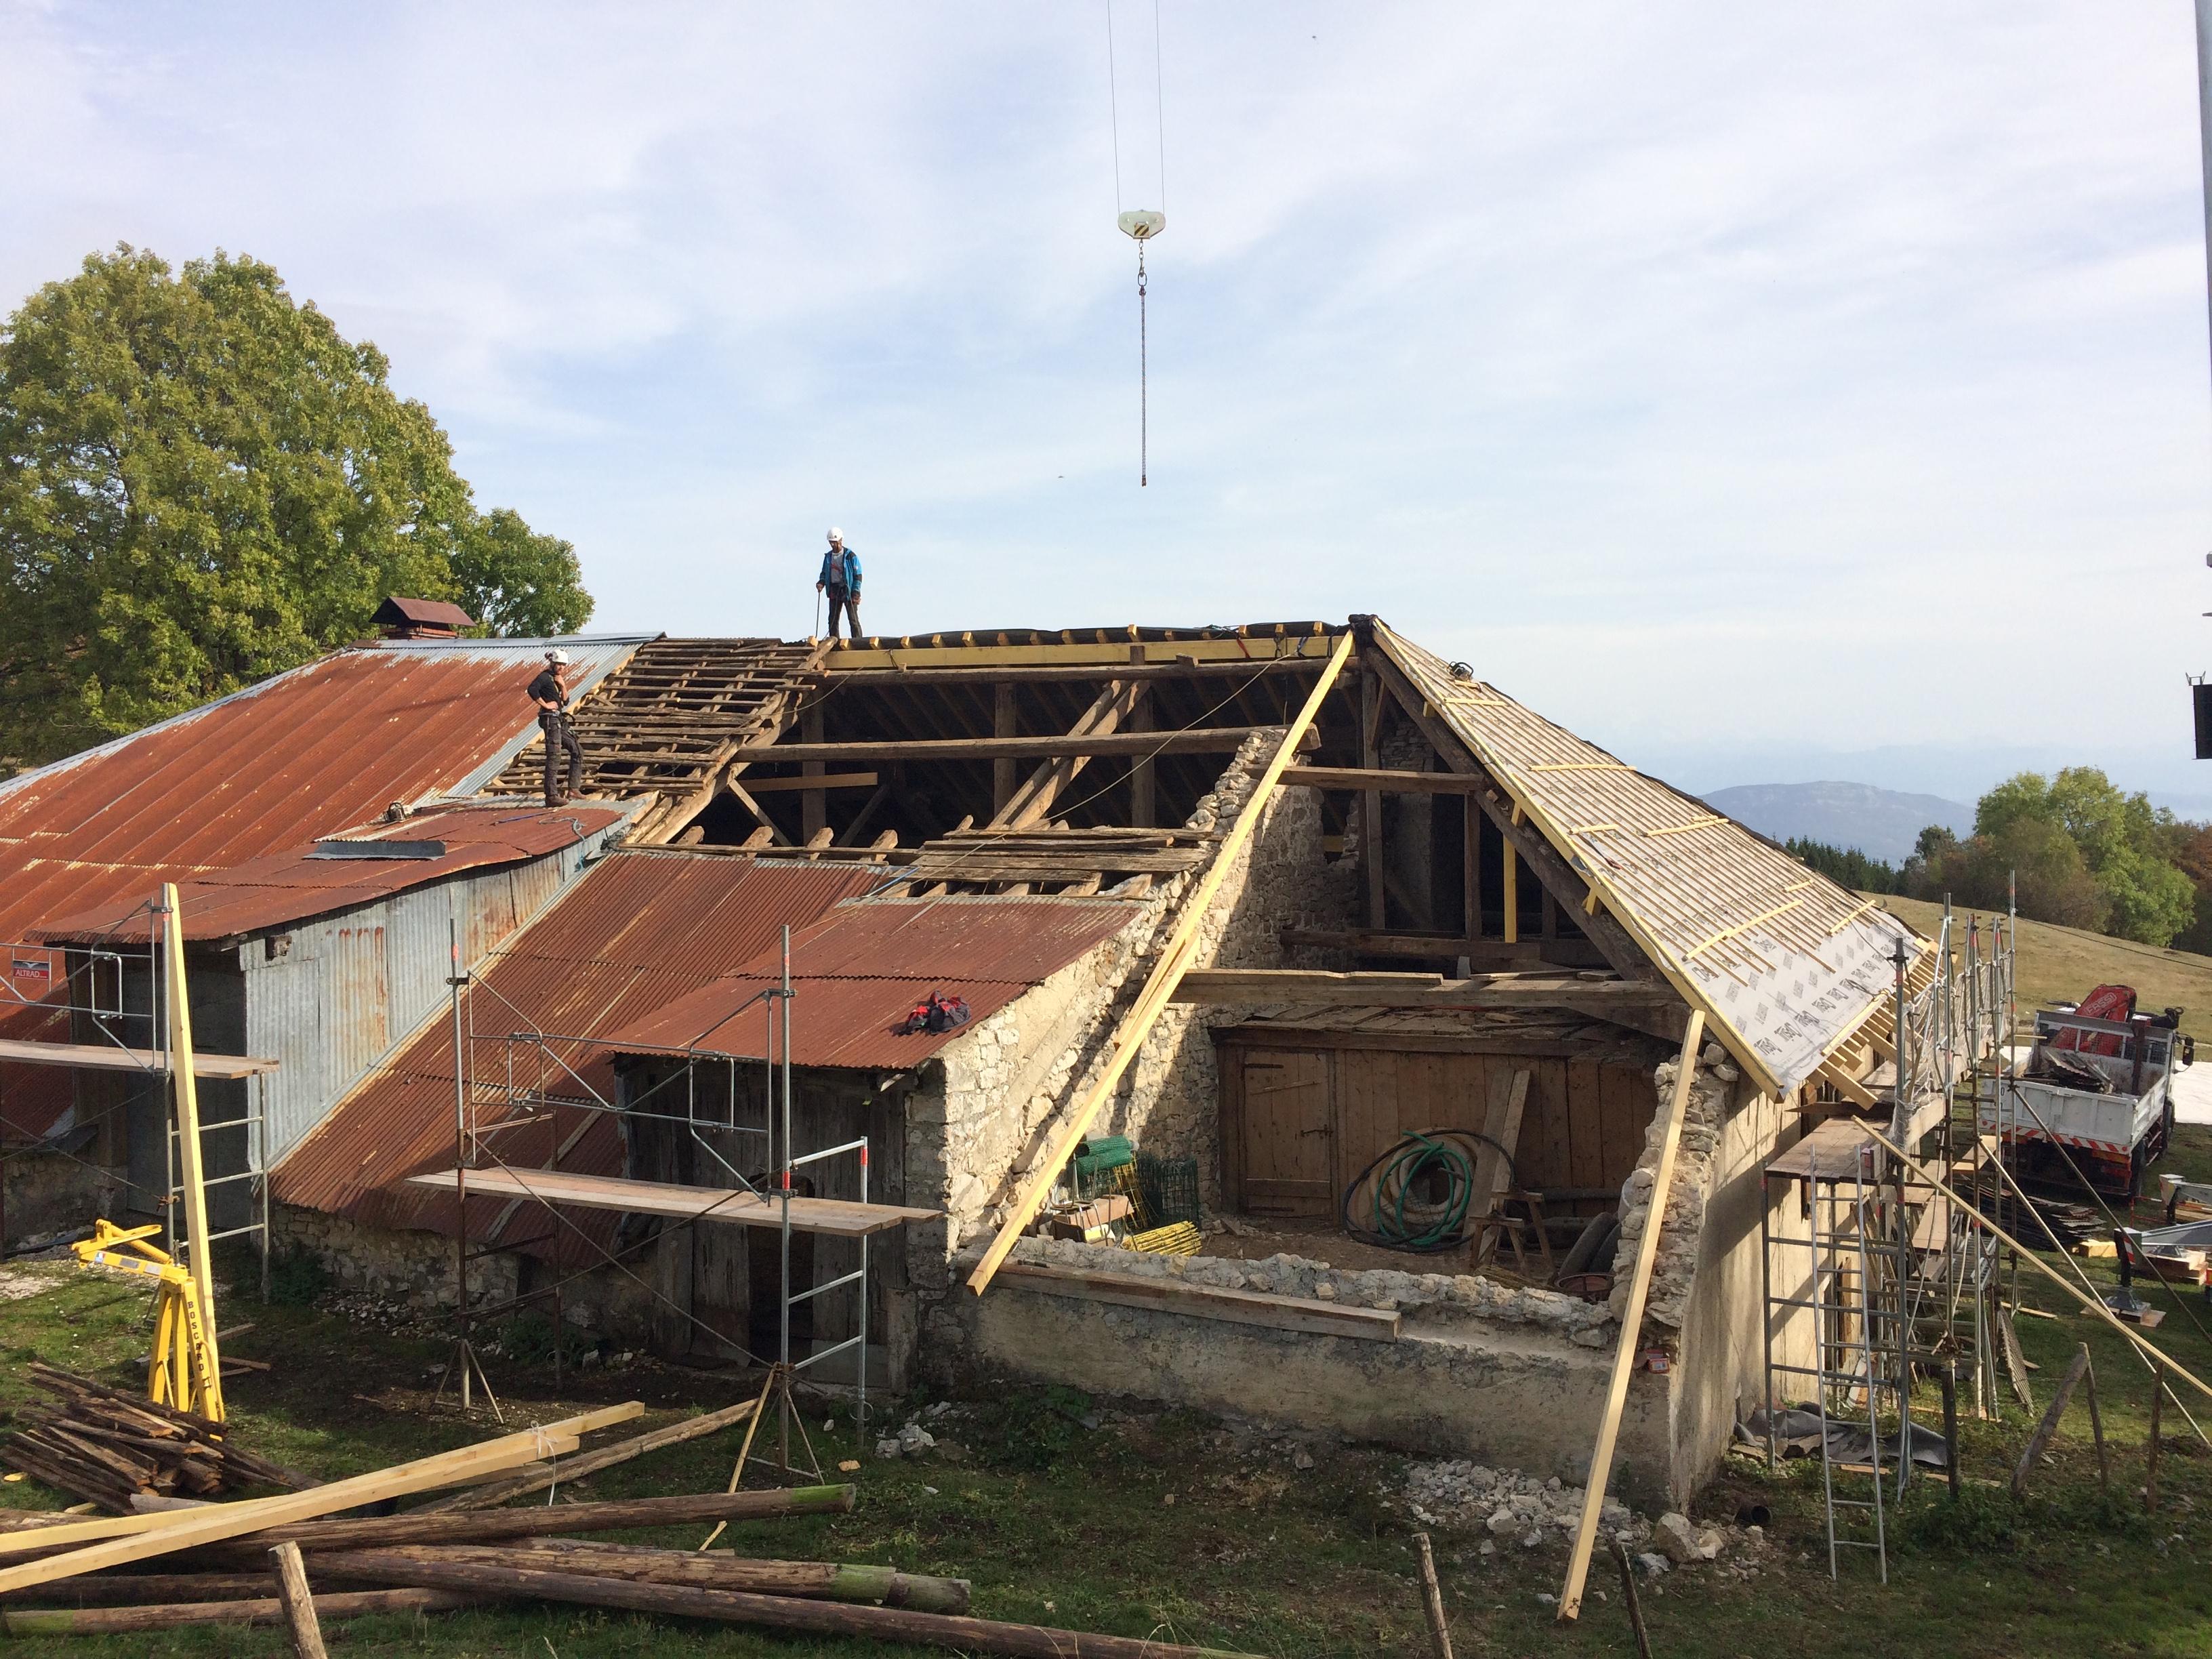 R novation d 39 une ferme carrier charpente couverture for Renovation d